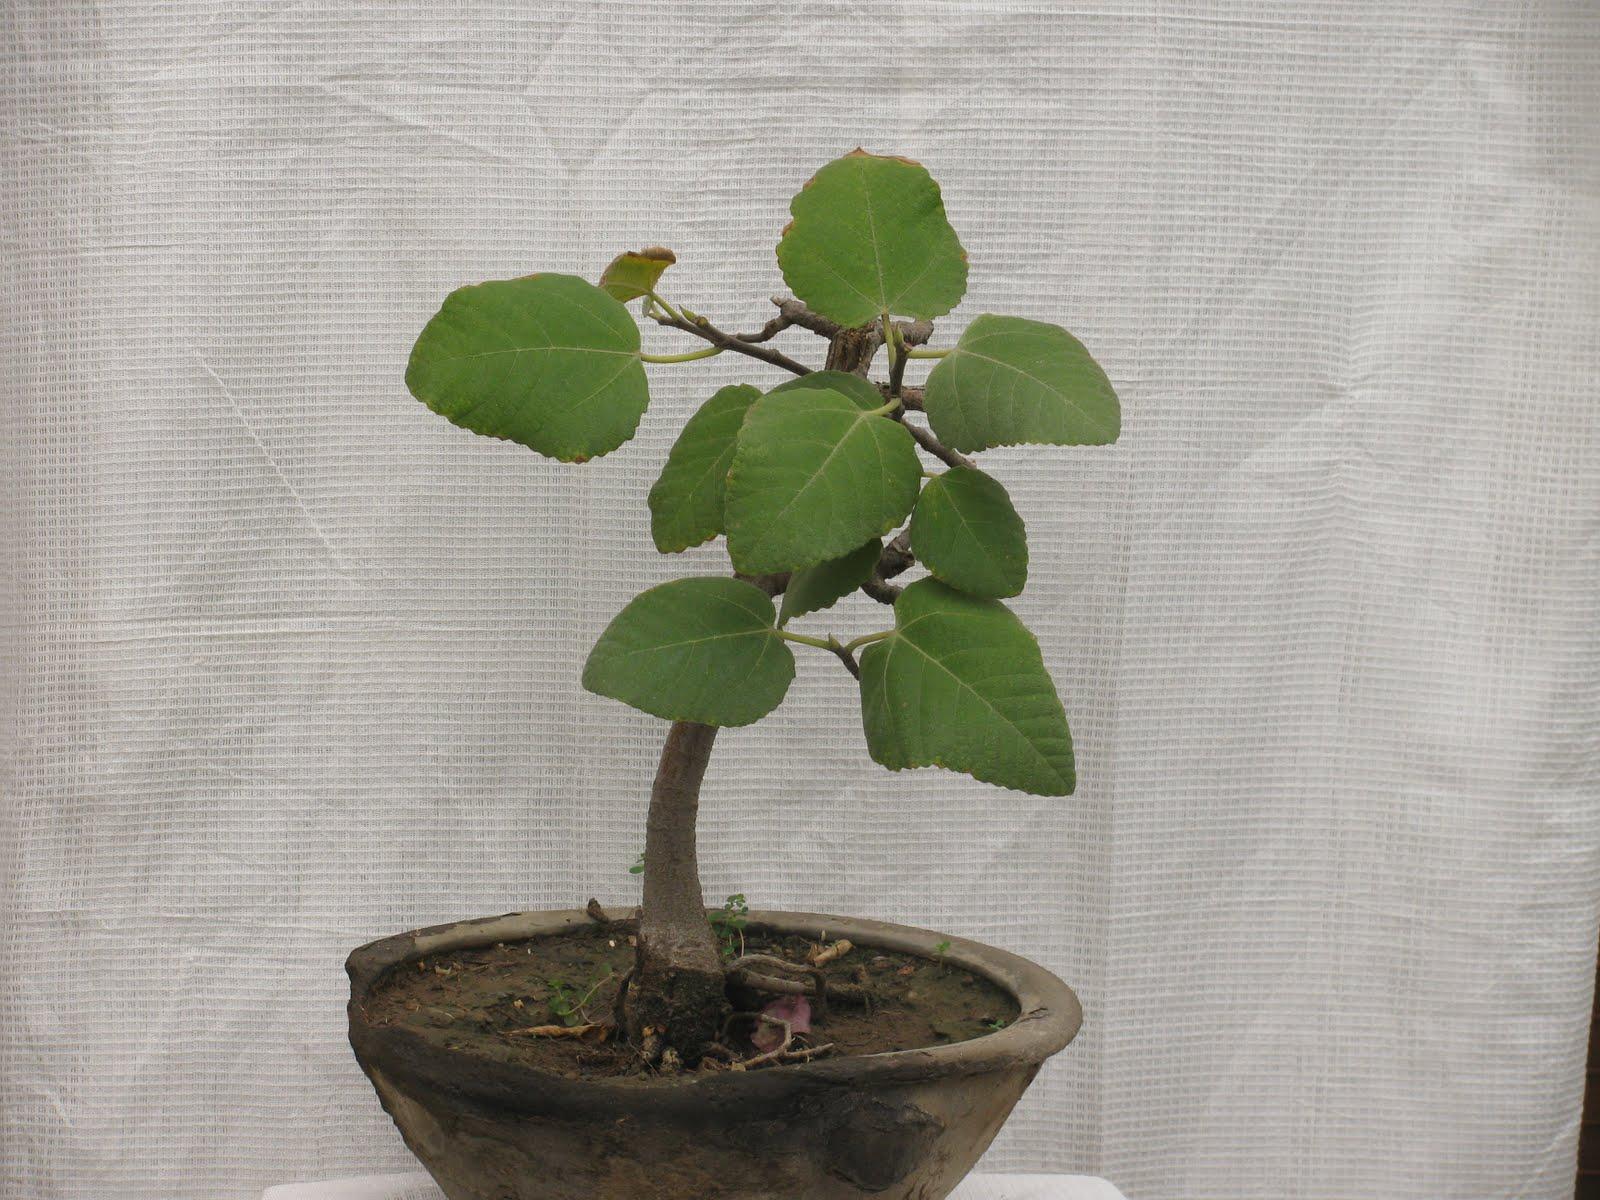 Bonsai Tree 20 Beautiful Carissa Bonsai Images